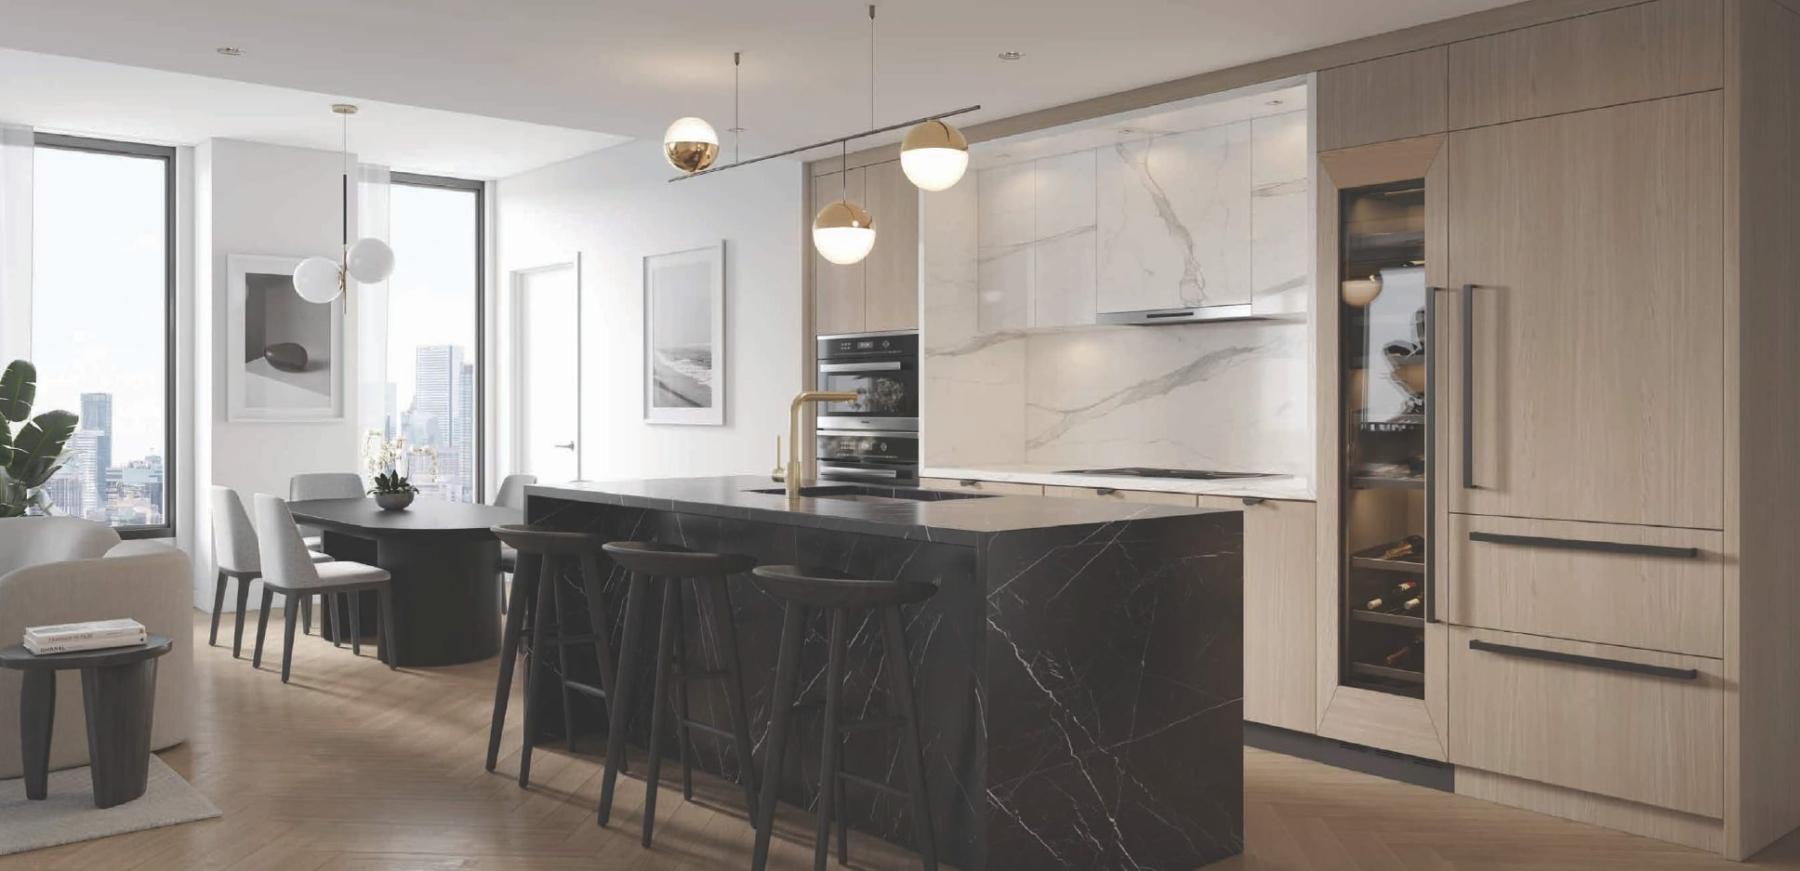 Rendering of Cielo Condos interior suite kitchen